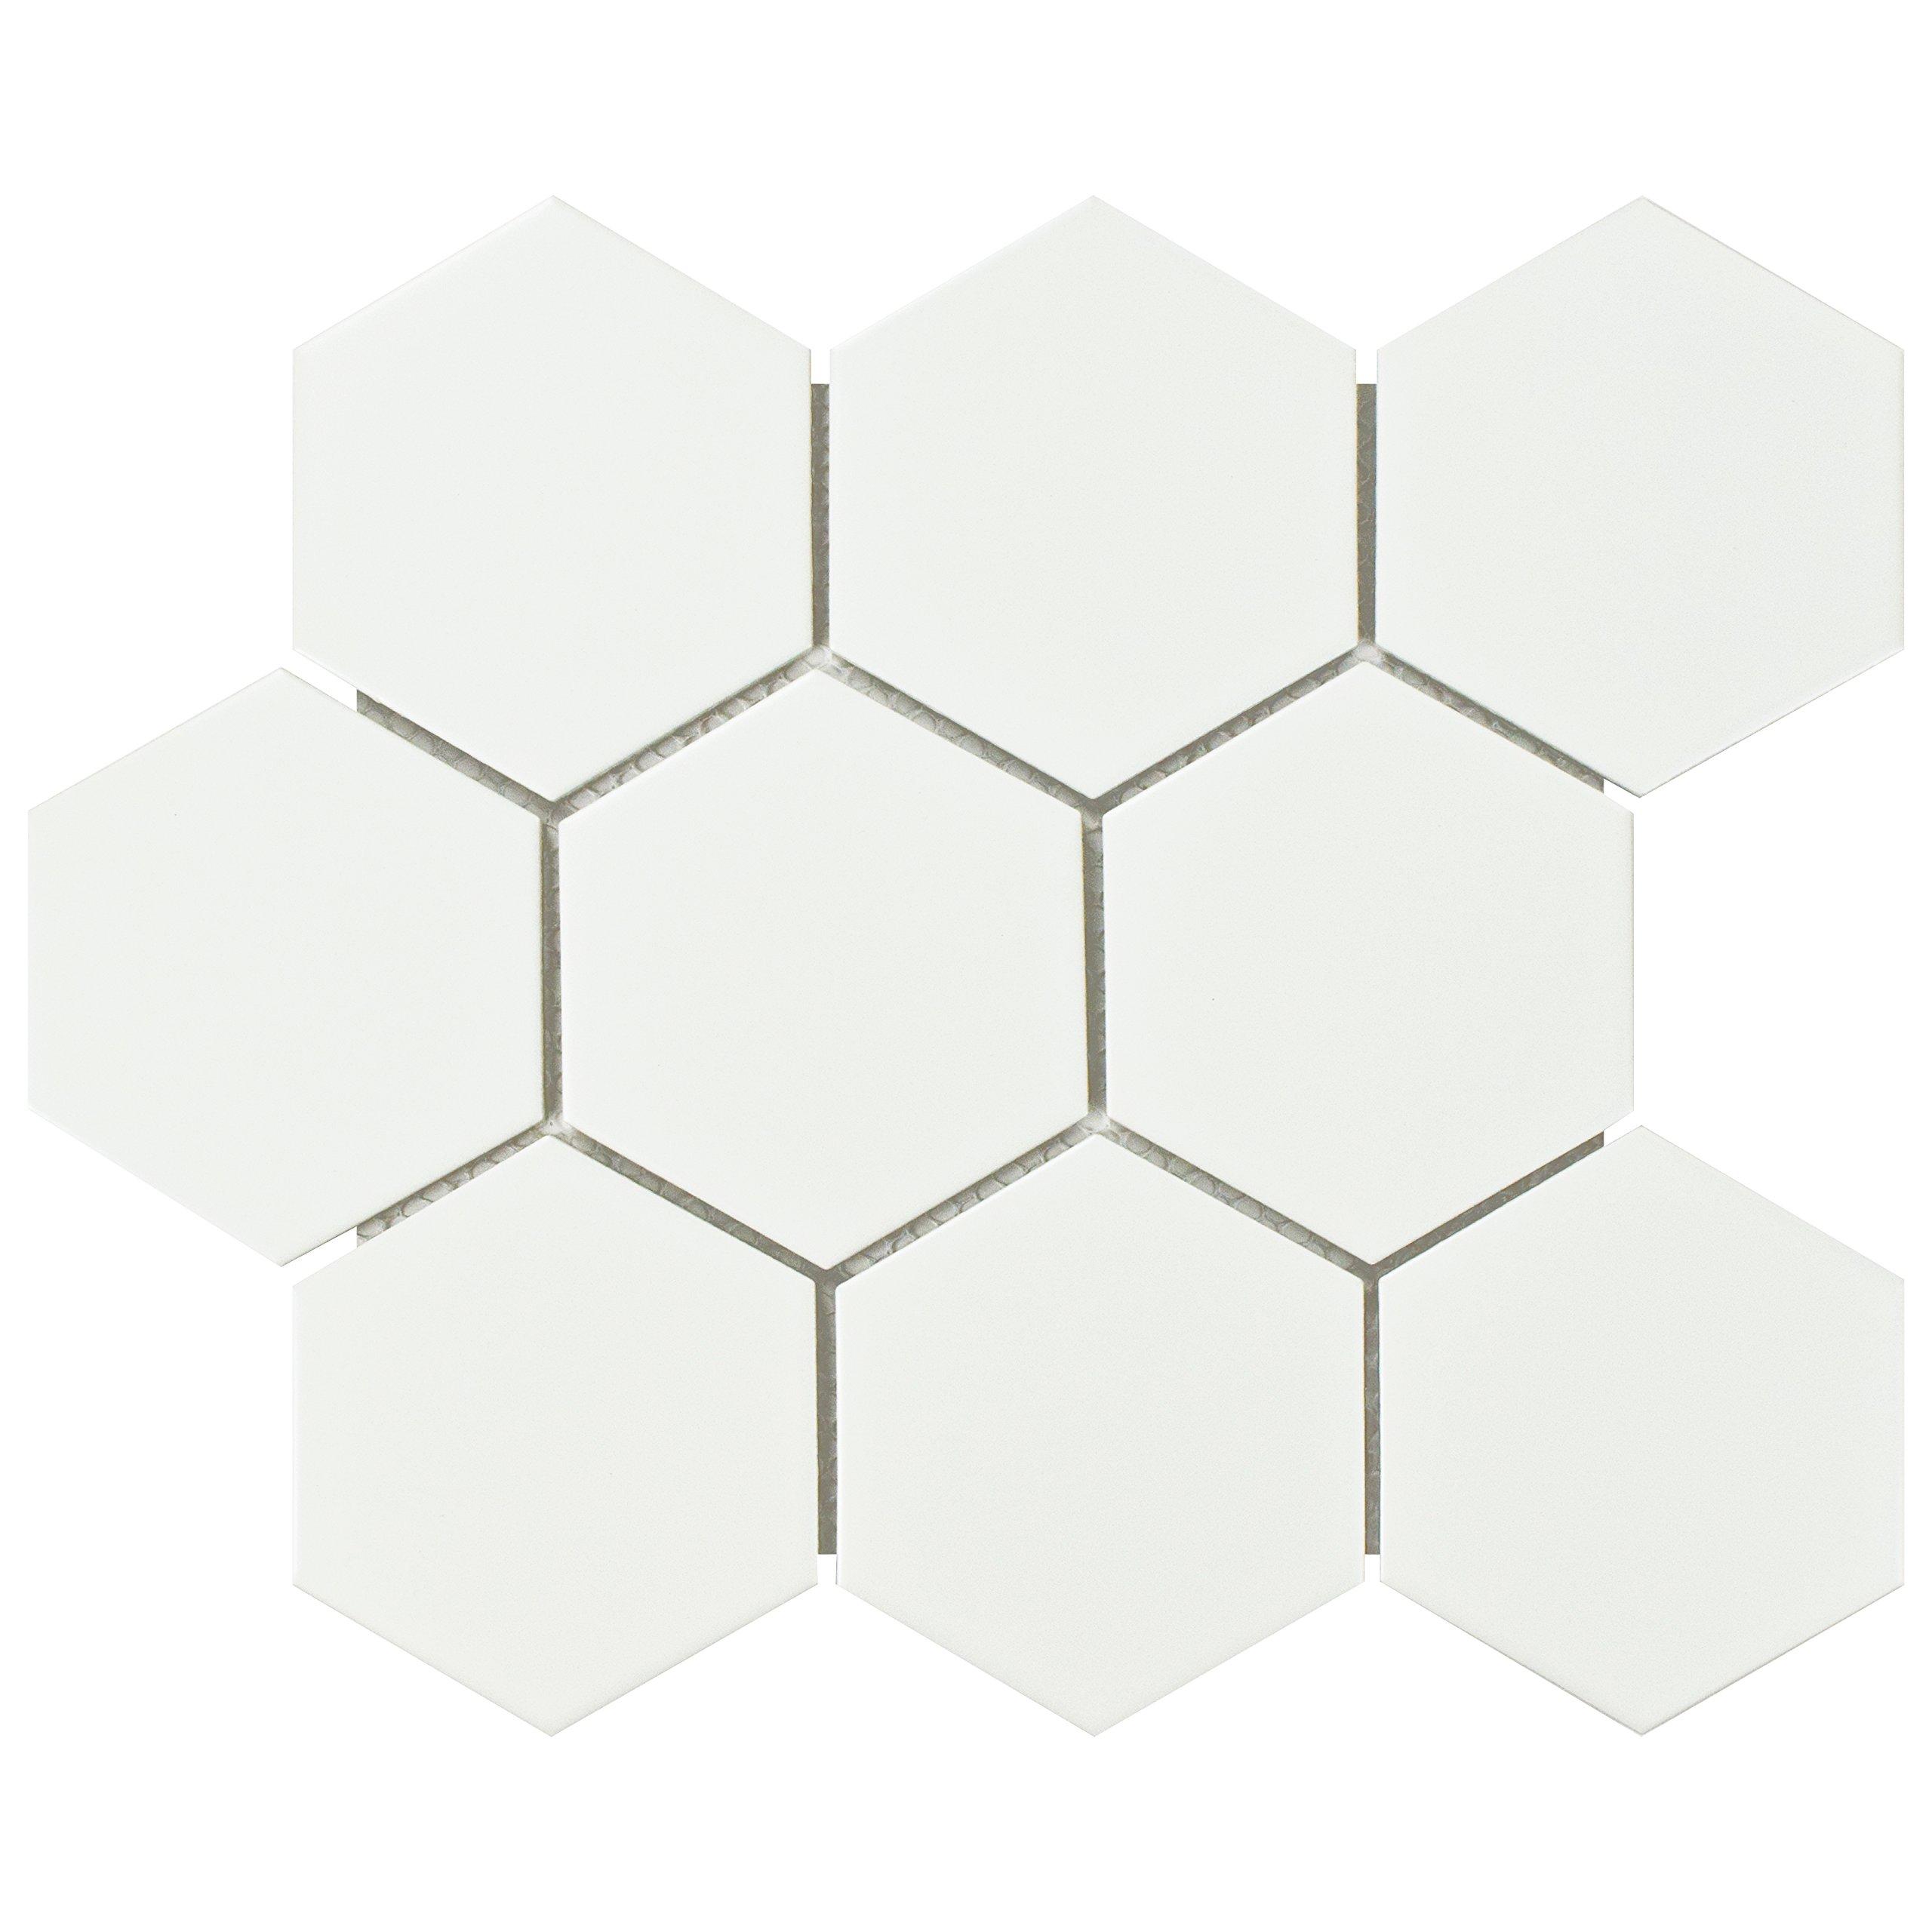 SomerTile FWRM4HMW Retro Super Hex Porcelain Mosaic Floor & Wall Tile, 10'' x 11.5'', Matte White, 10 Piece